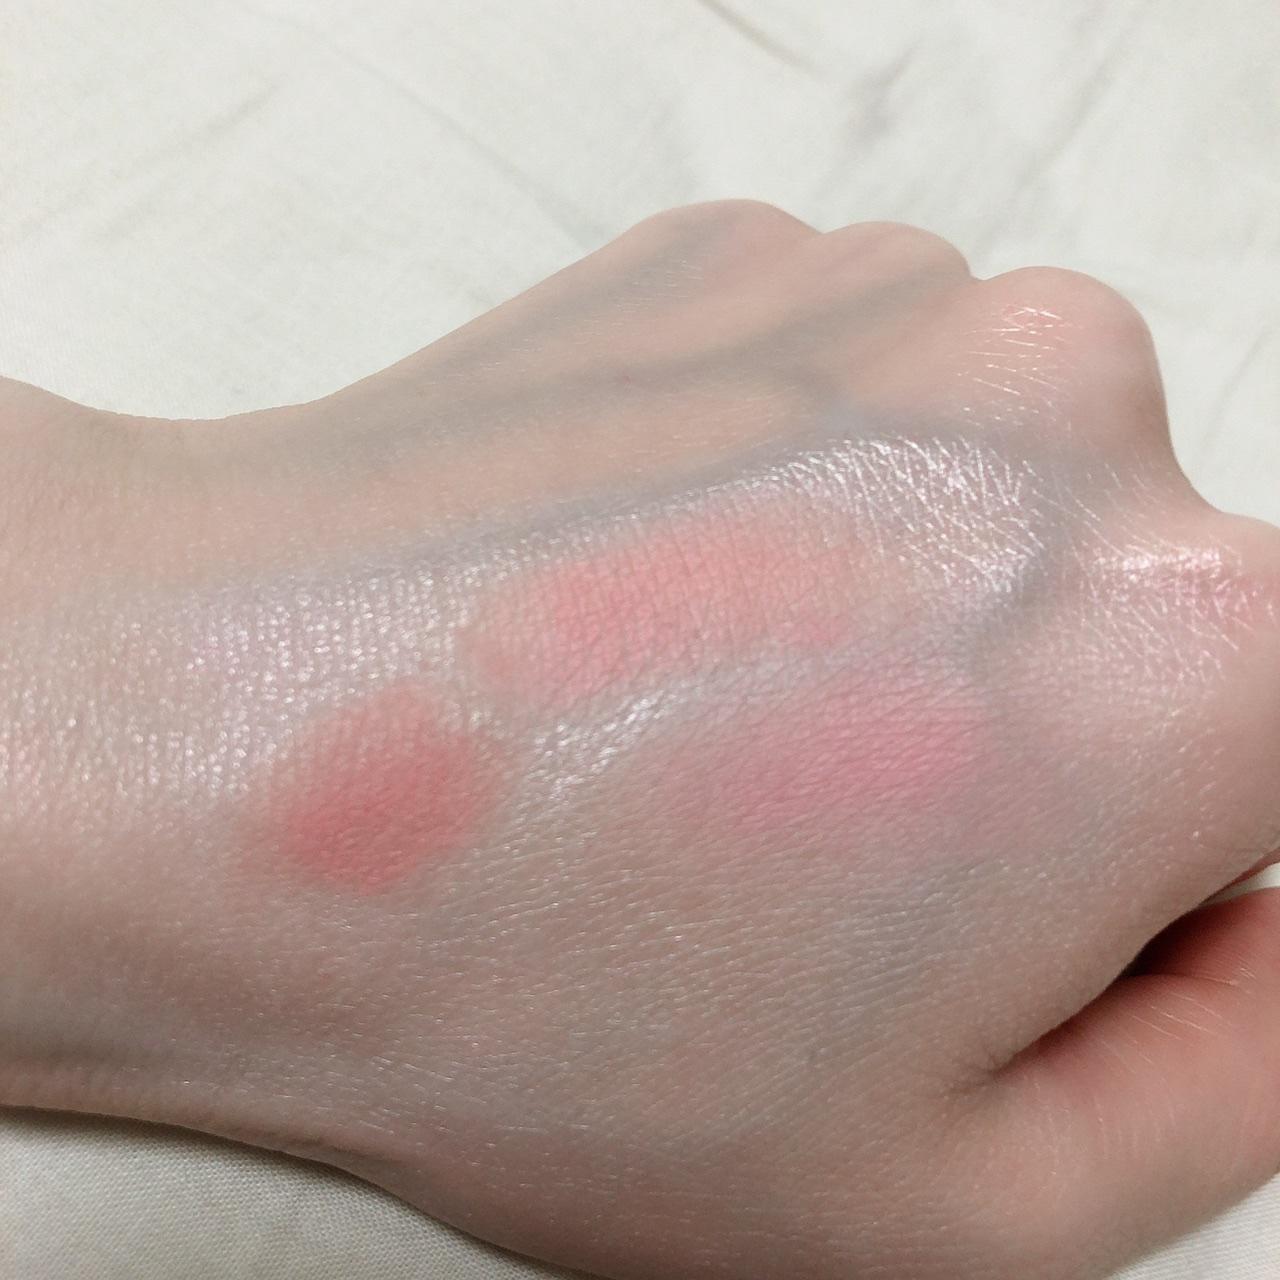 チークを塗った手の甲